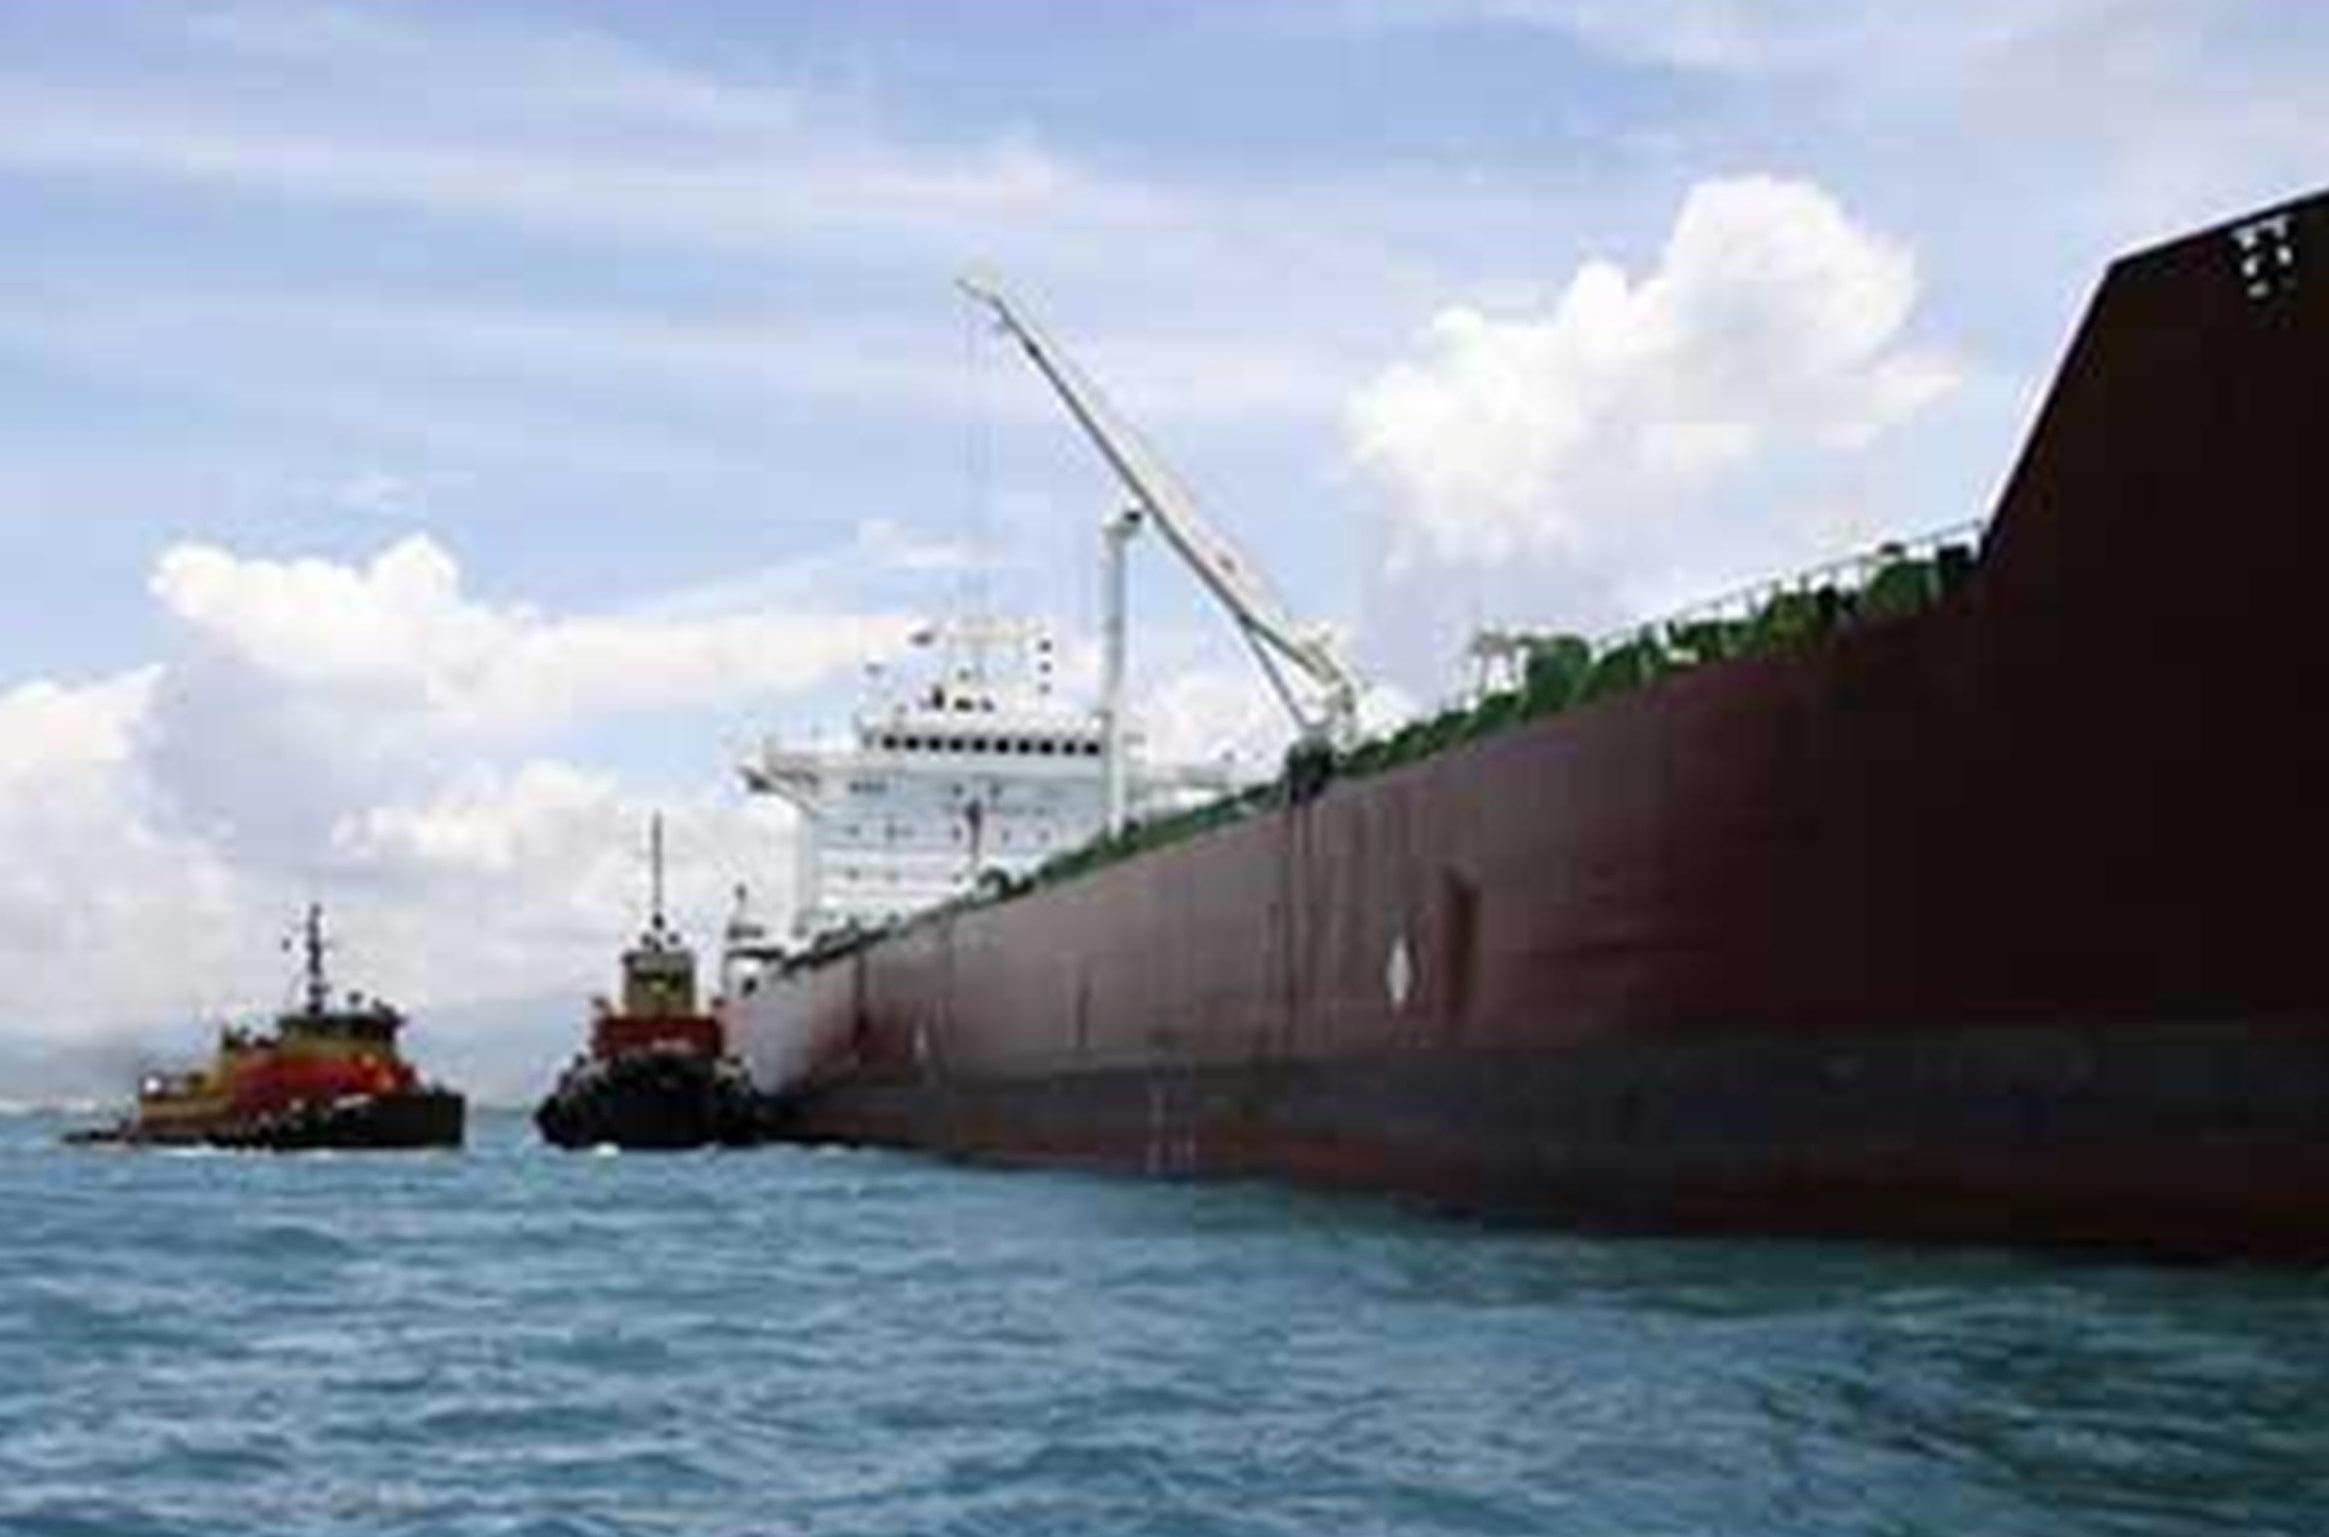 T/V Margara aground with tugs alongside.